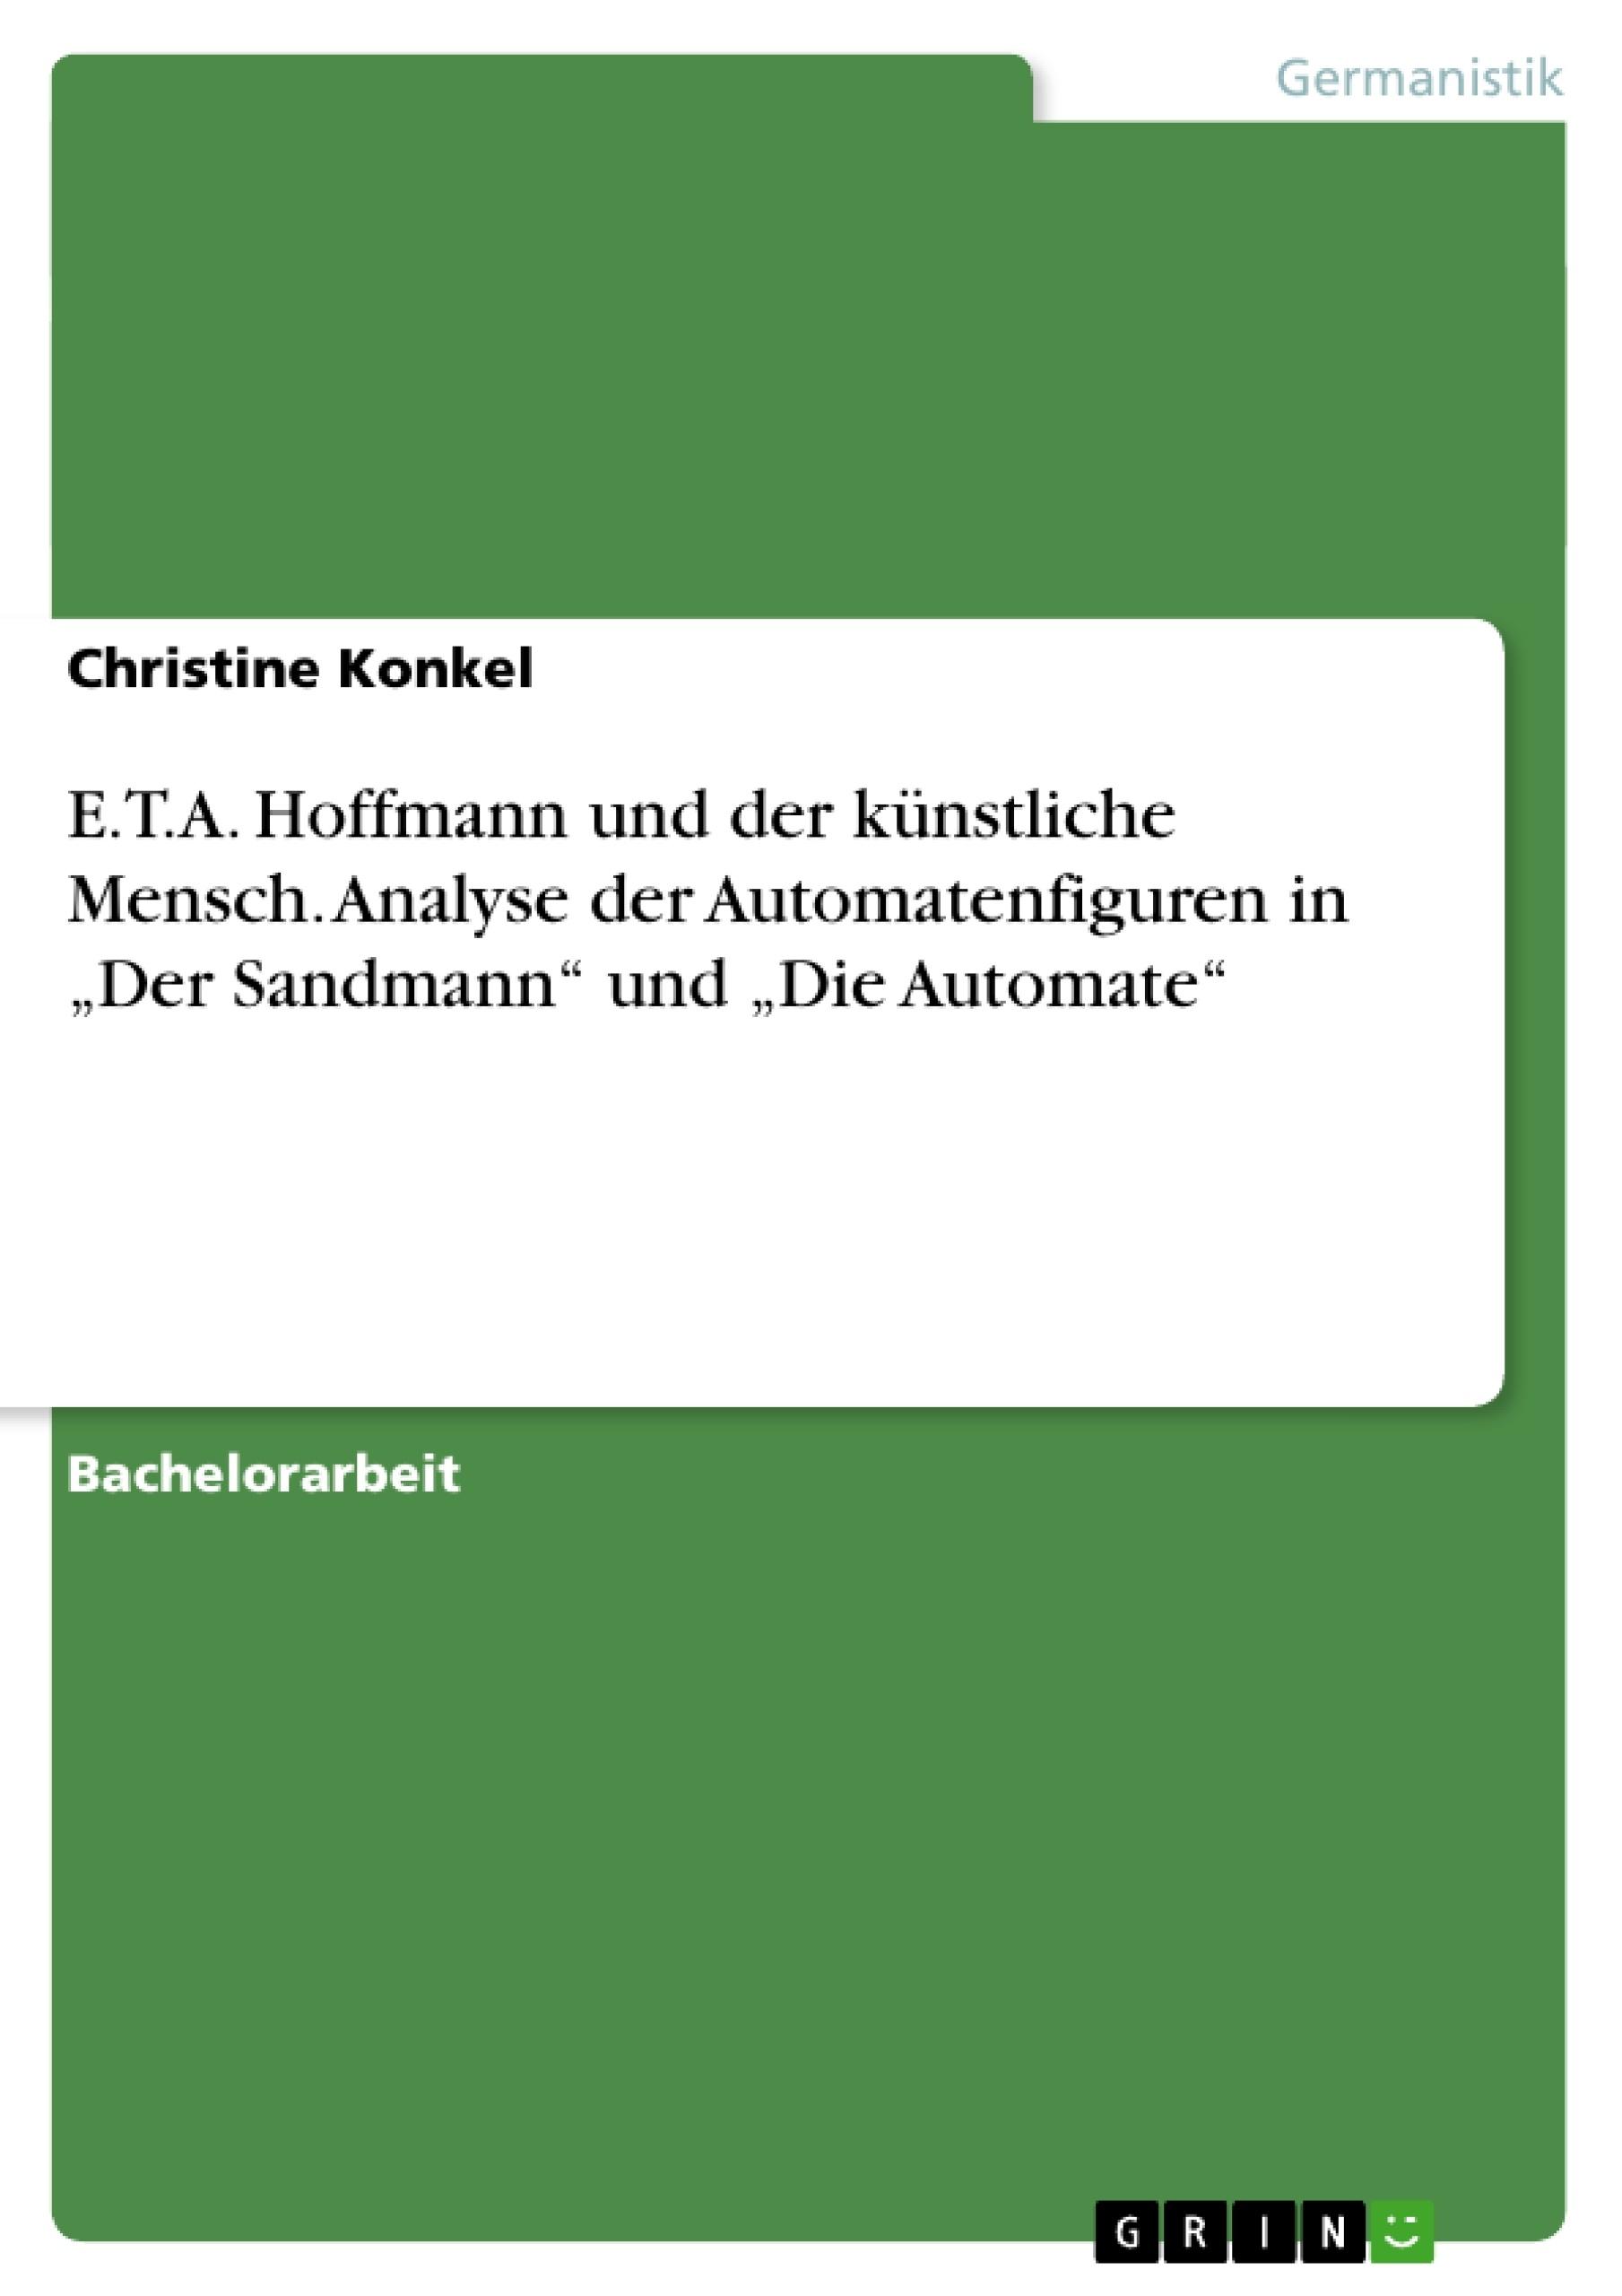 """Titel: E.T.A. Hoffmann und der künstliche Mensch. Analyse der Automatenfiguren in """"Der Sandmann"""" und """"Die Automate"""""""